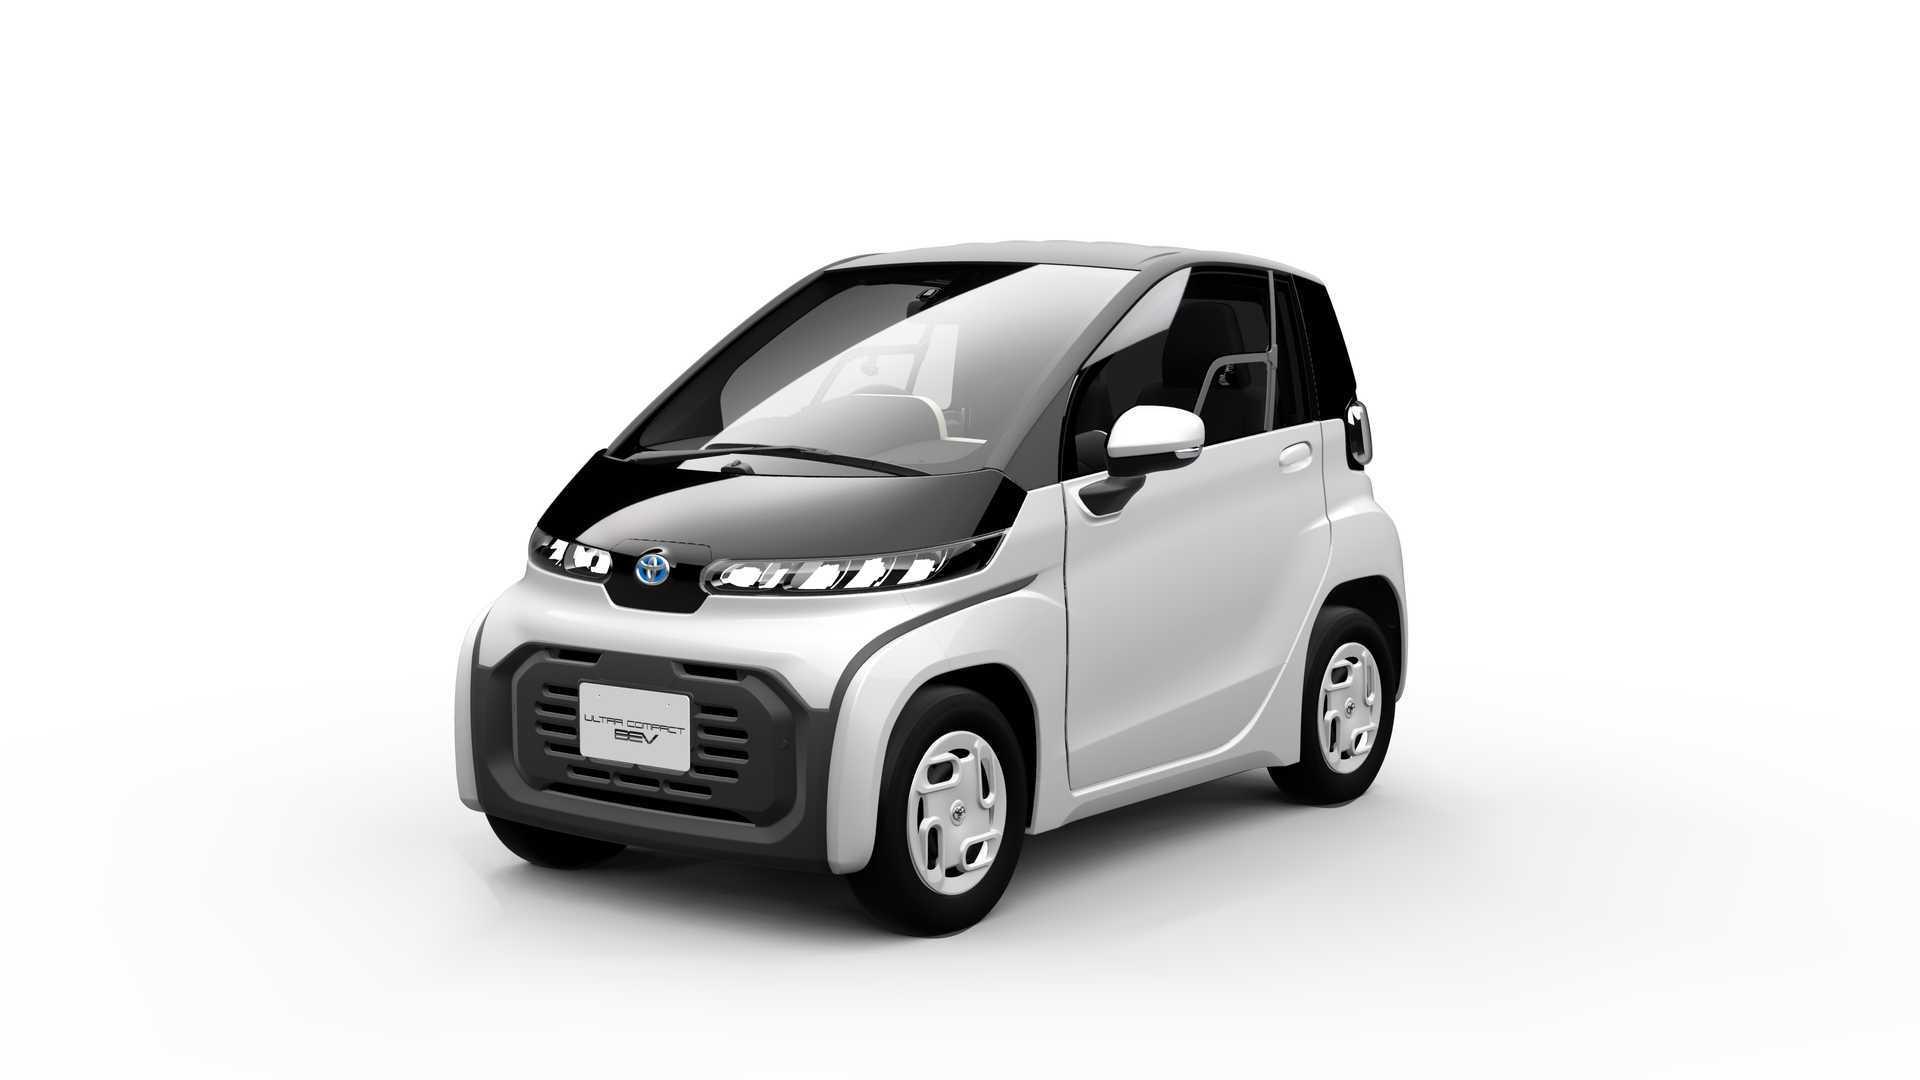 Kelebihan Kekurangan Toyota Mini Review